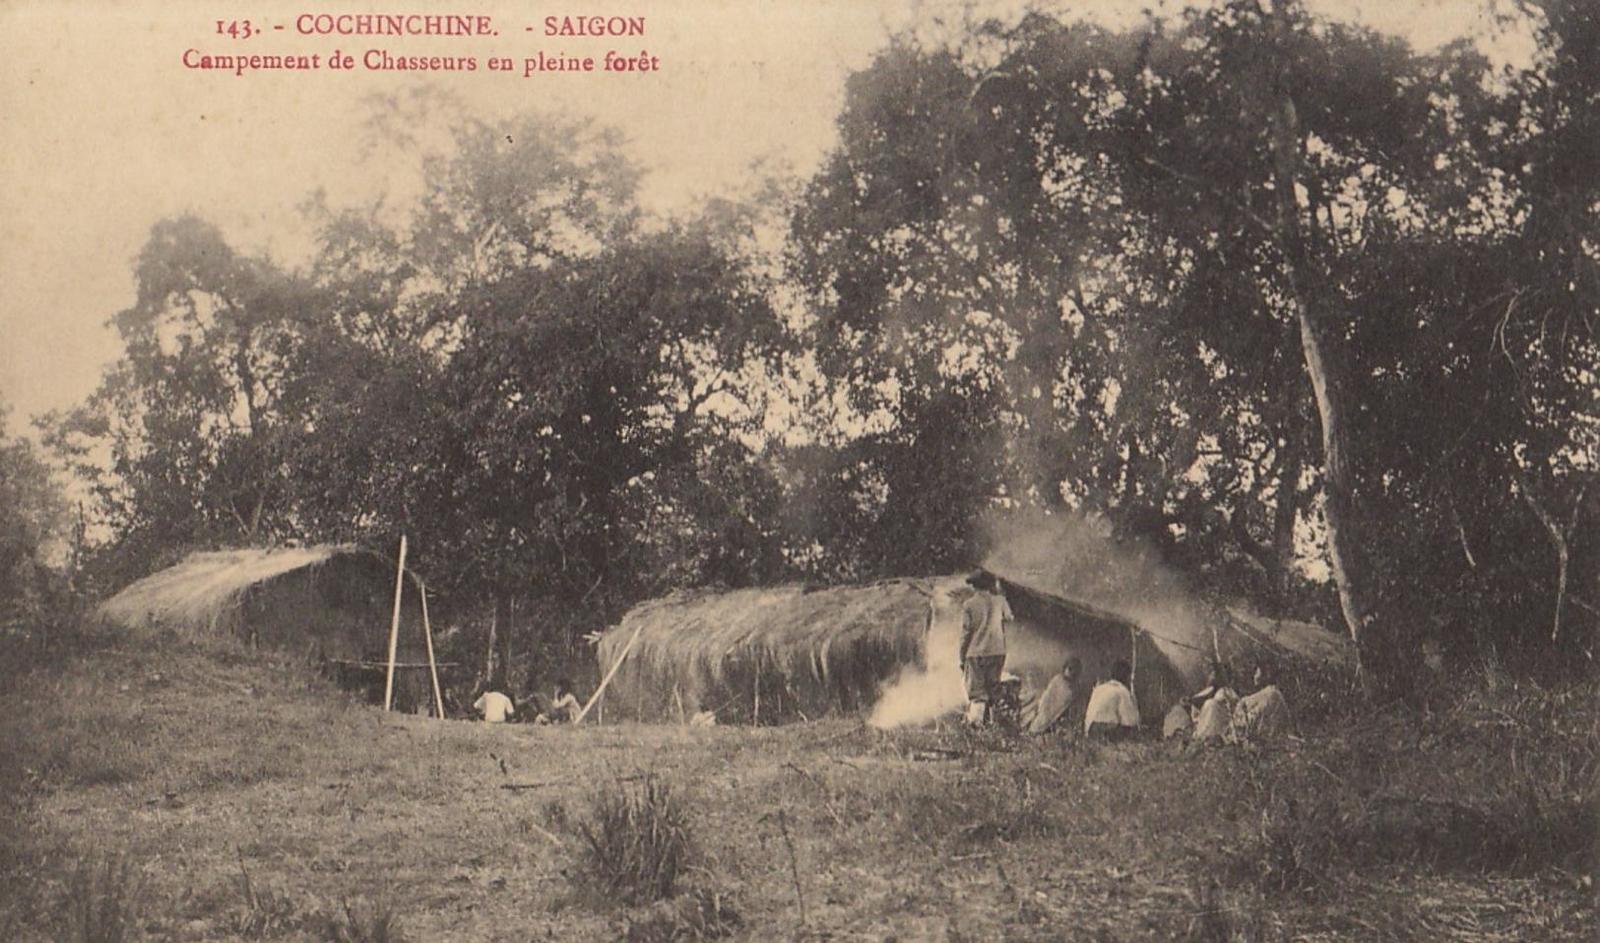 Hô-Chi-Minh-Ville -  COCHINCHINE VIET NAM saïgon campement de chasseurs en pleine forêt